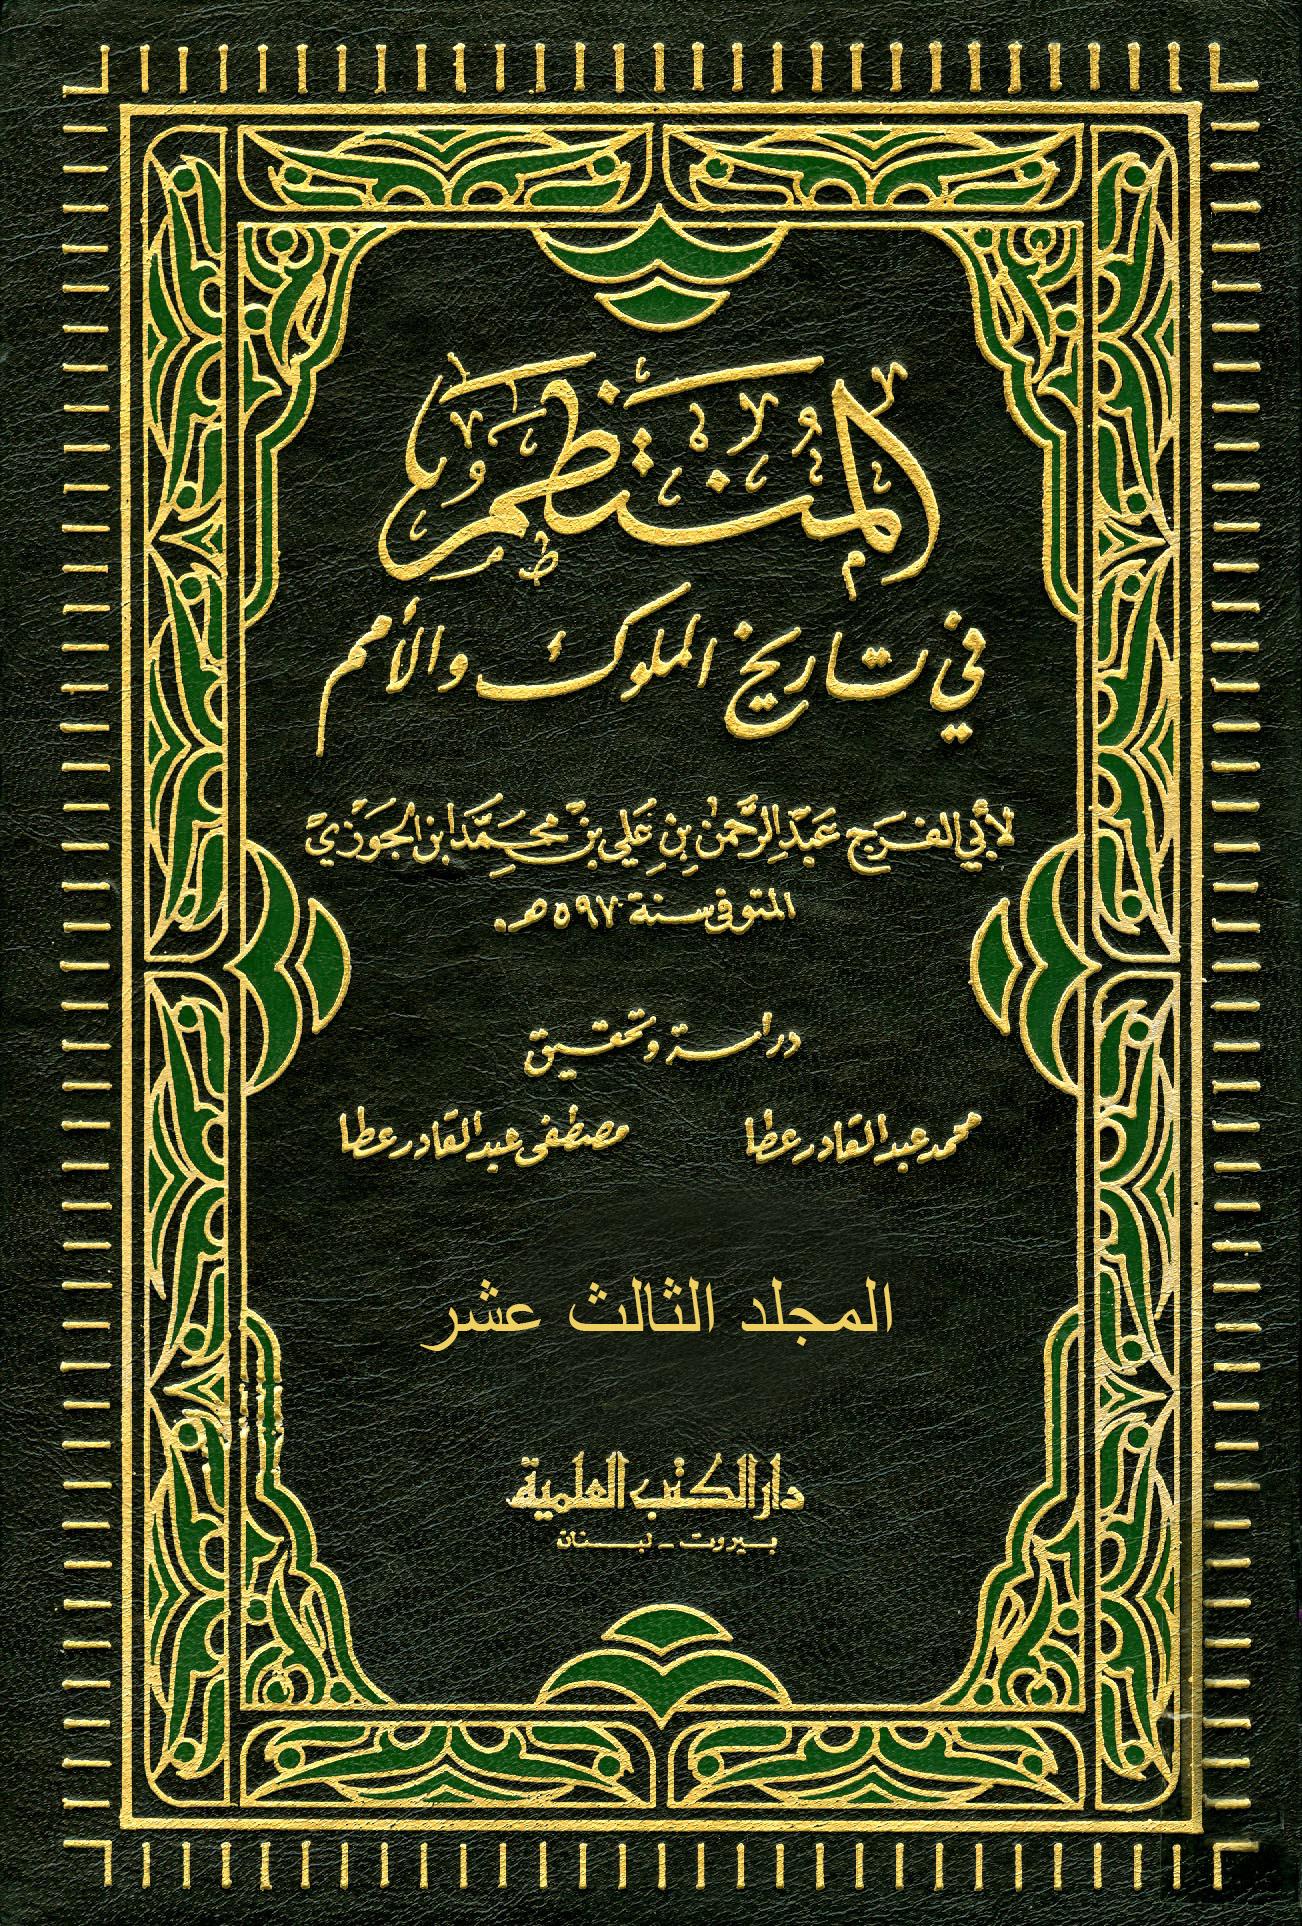 المنتظم في تاريخ الملوك والأمم - م 13 (تابع 289 هـ - 329 هـ)